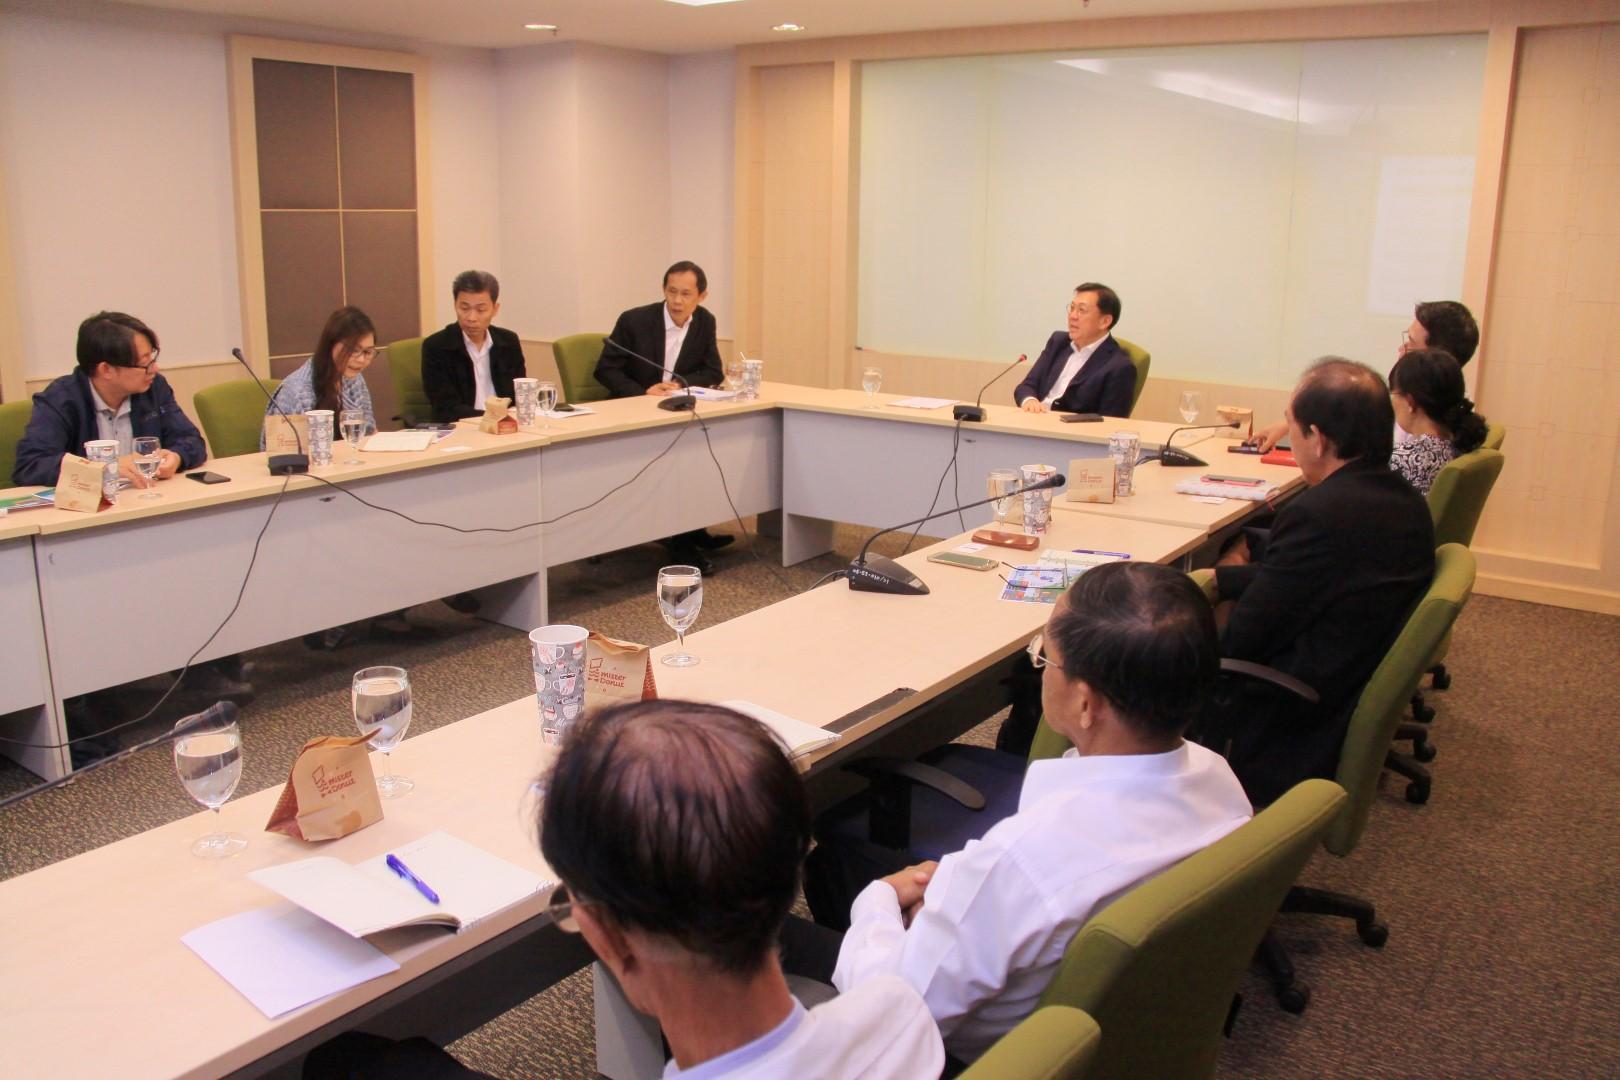 ทช. จัดประชุมรับทราบความก้าวหน้าเกี่ยวกับการจัดตั้งทุ่นกักขยะ (BOOM)